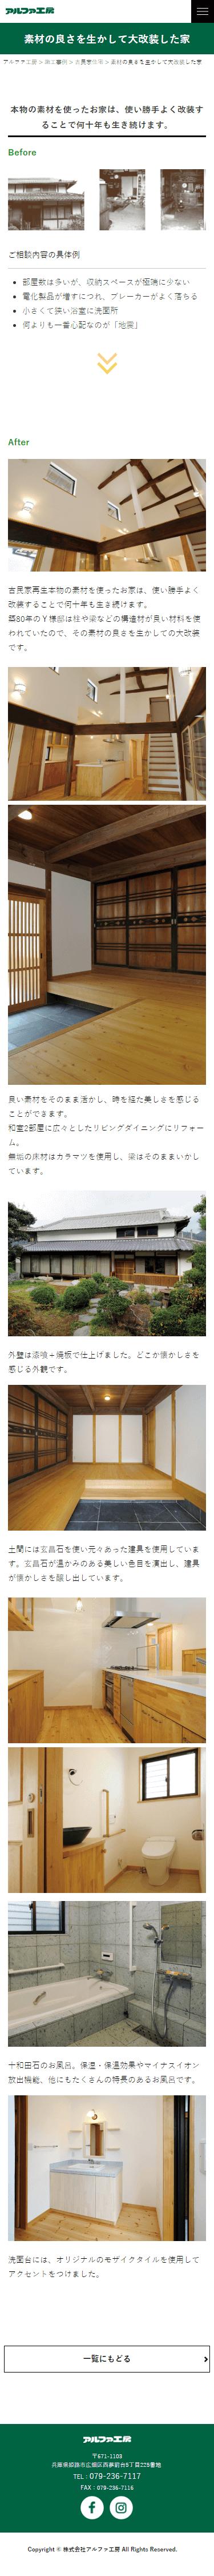 姫路市 株式会社アルファ工房 ホームページ制作4